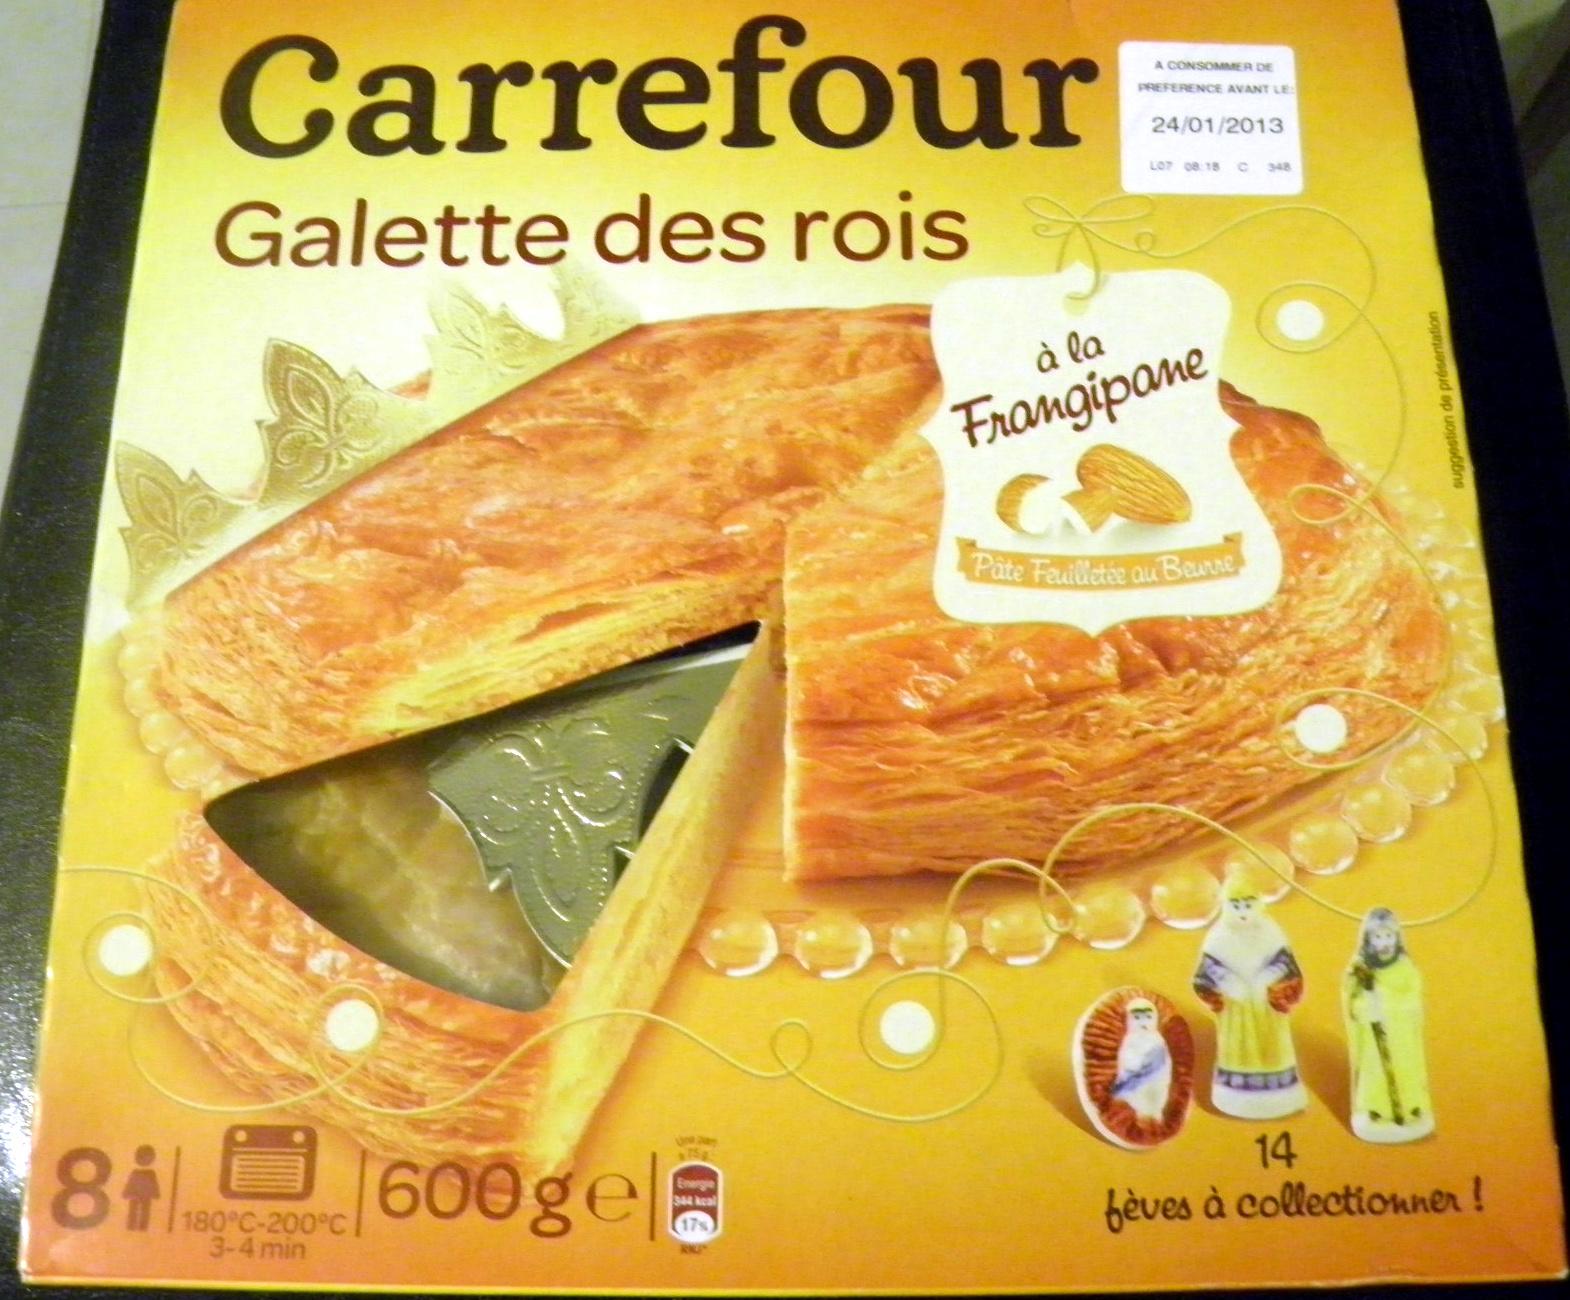 Galette des rois carrefour la frangipane 600 g for Galette des rois a la frangipane